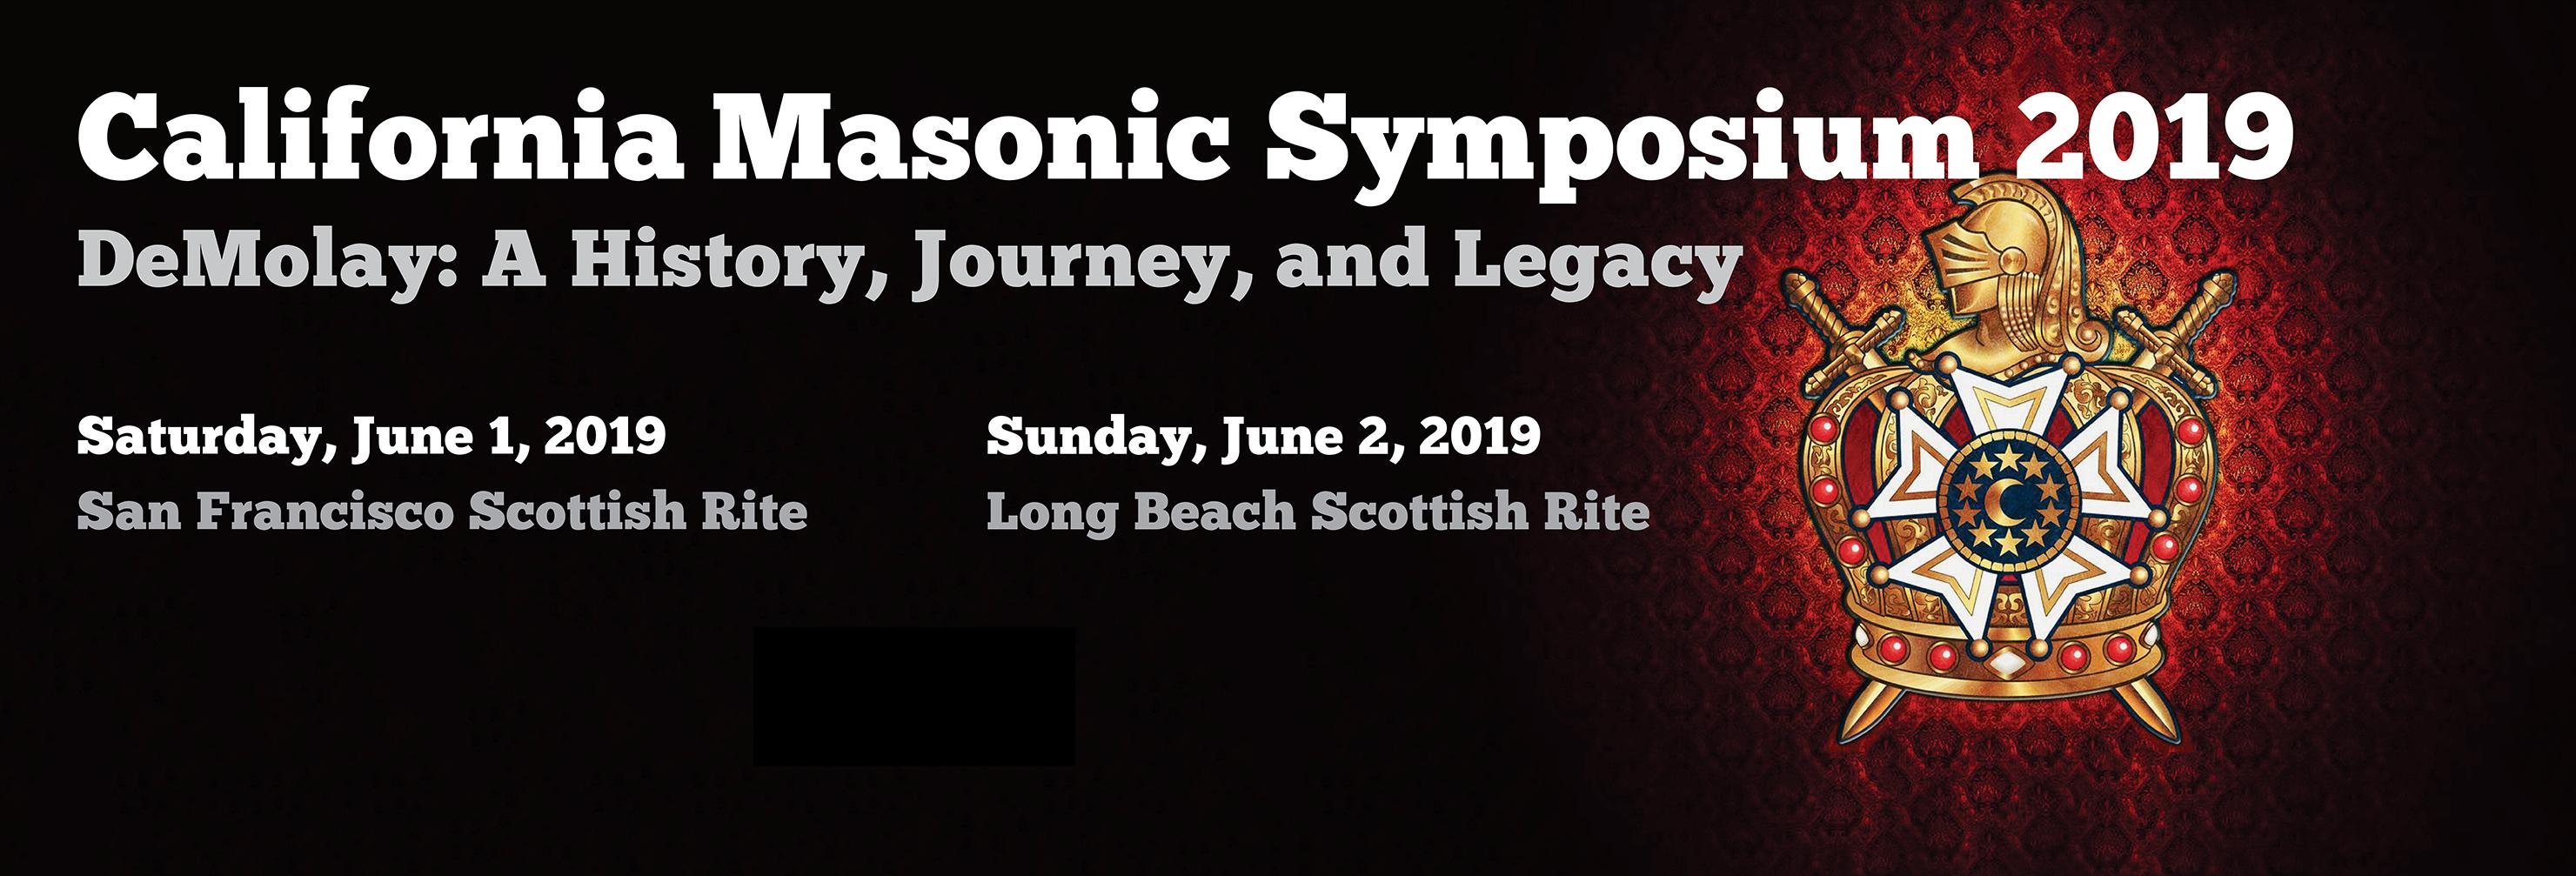 19th Annual California Masonic Symposium